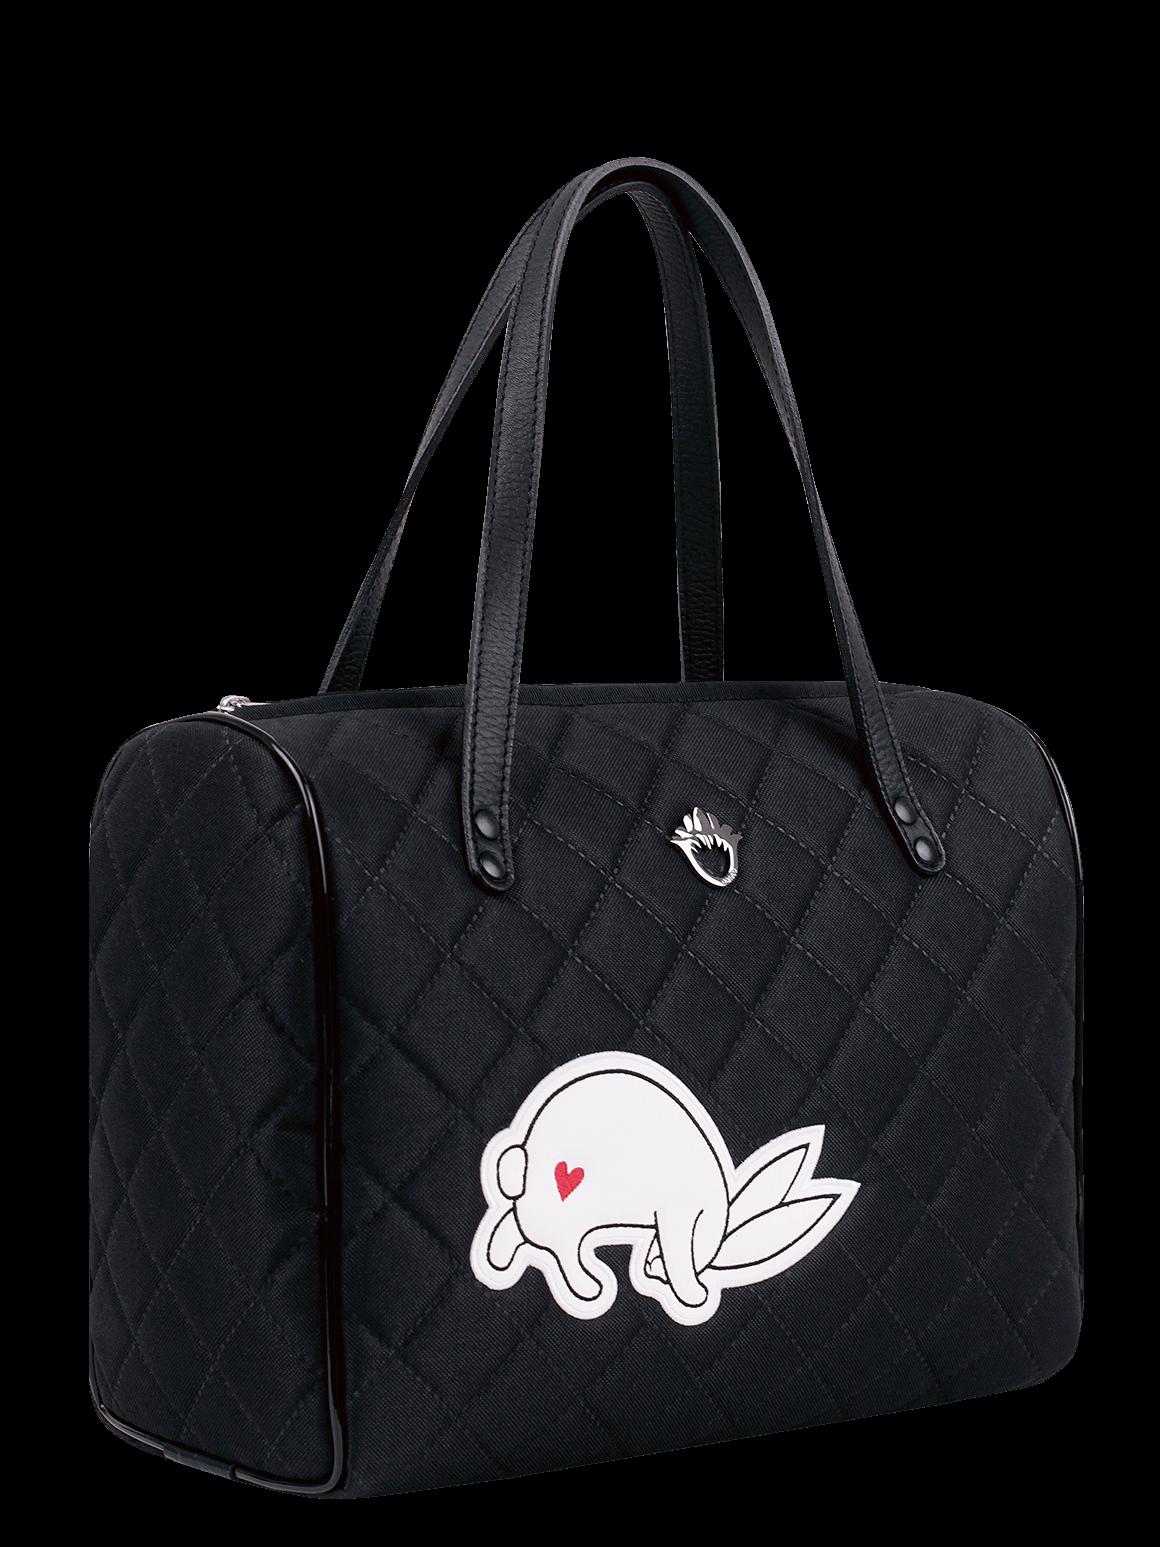 Goshico Mala Torba Podrozna Z Krolikiem 3157 6543310620 Oficjalne Archiwum Allegro Tote Bag Reusable Tote Bags Tote